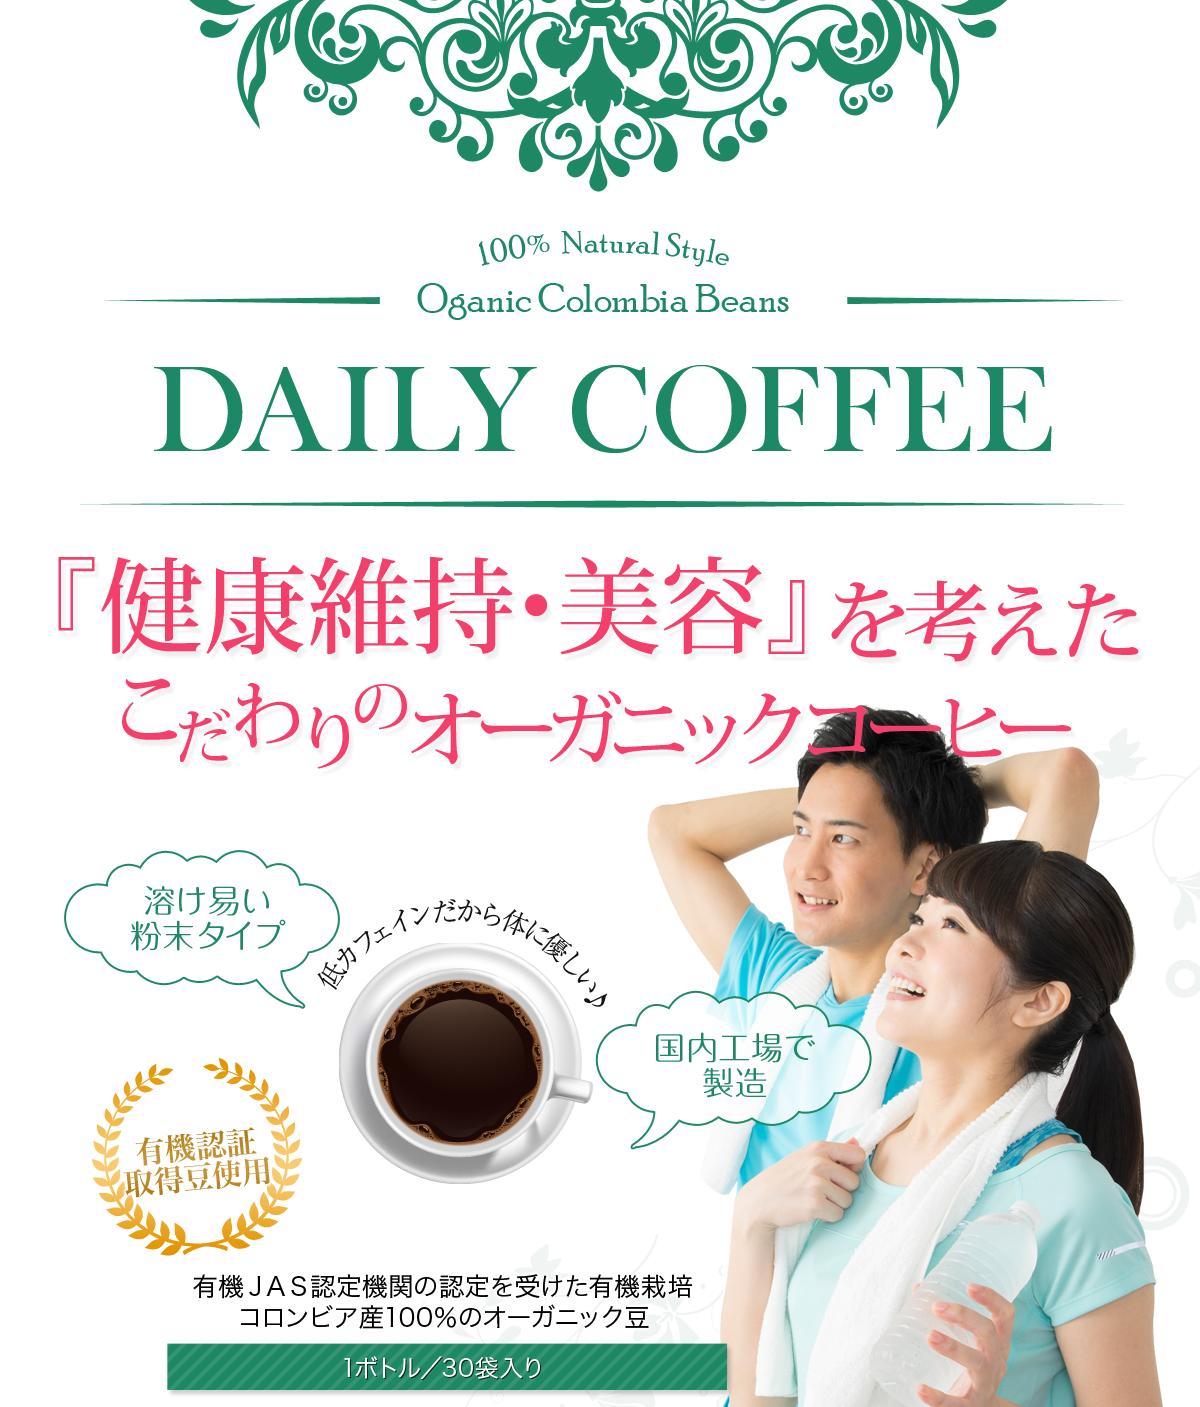 オーガニックコーヒー専門店!オンリースタイルのデイリーコーヒー